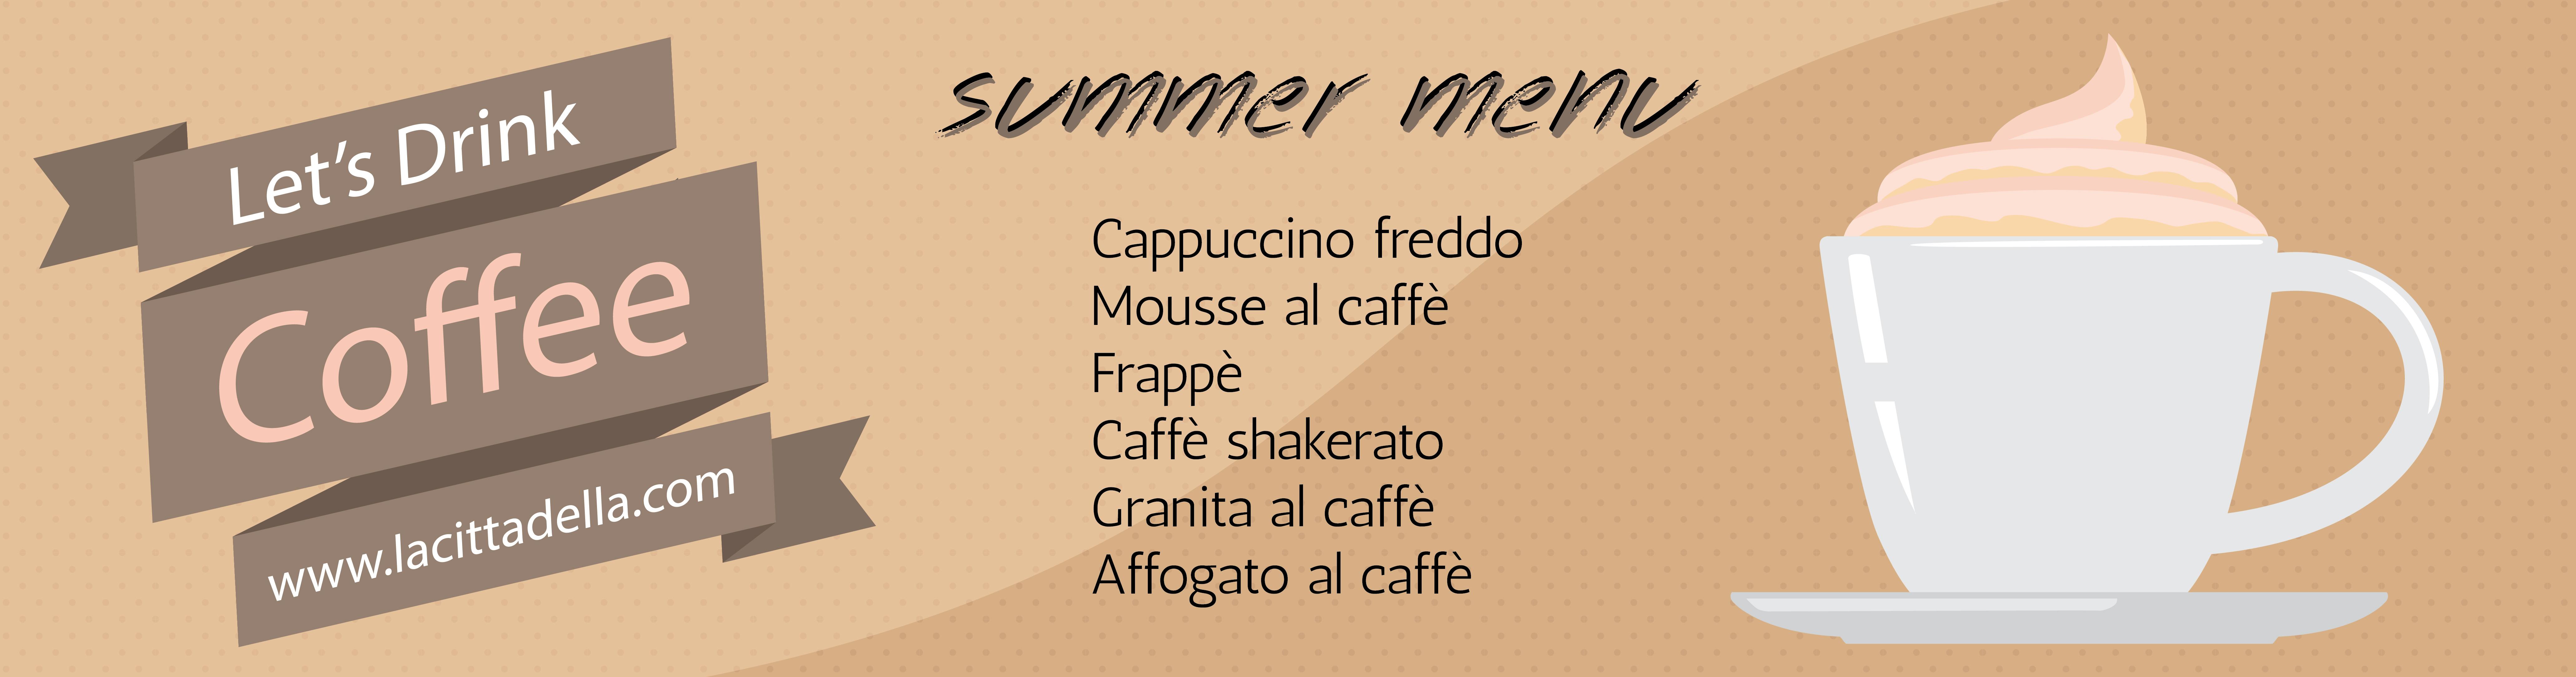 La-cittadella-caffè-consigli-ricette-agosto-caffè-estivo